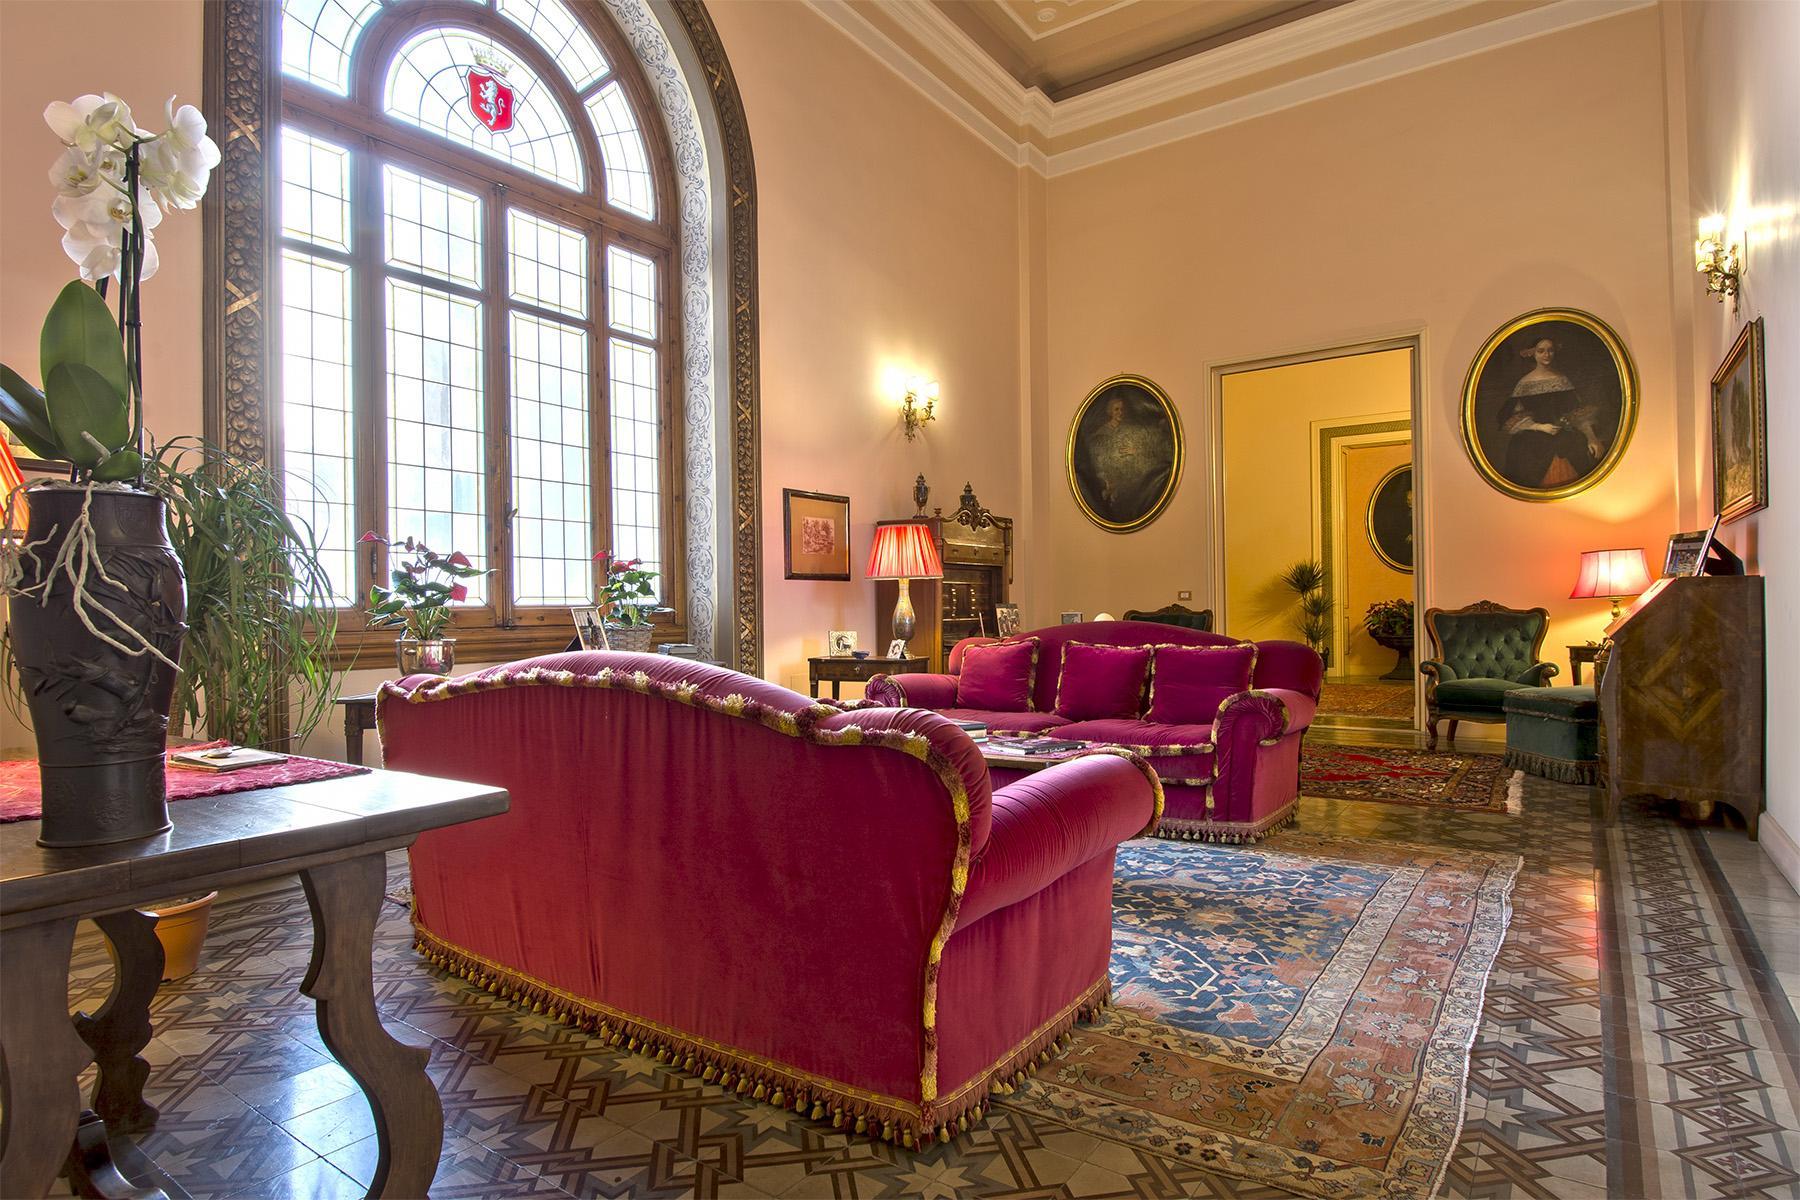 Charmante historische Wohnung im Herzen von Florenz - 3